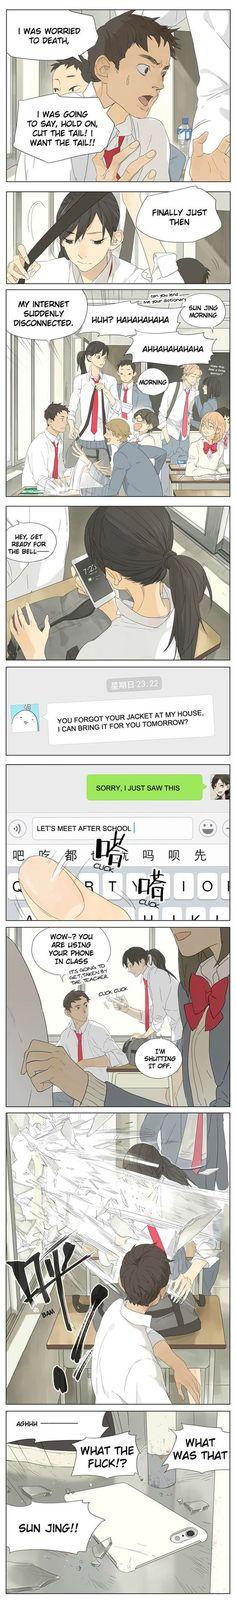 Tamen Di Gushi 69 http://mangafox.me/manga/tamen_de_gushi/c069/1.html